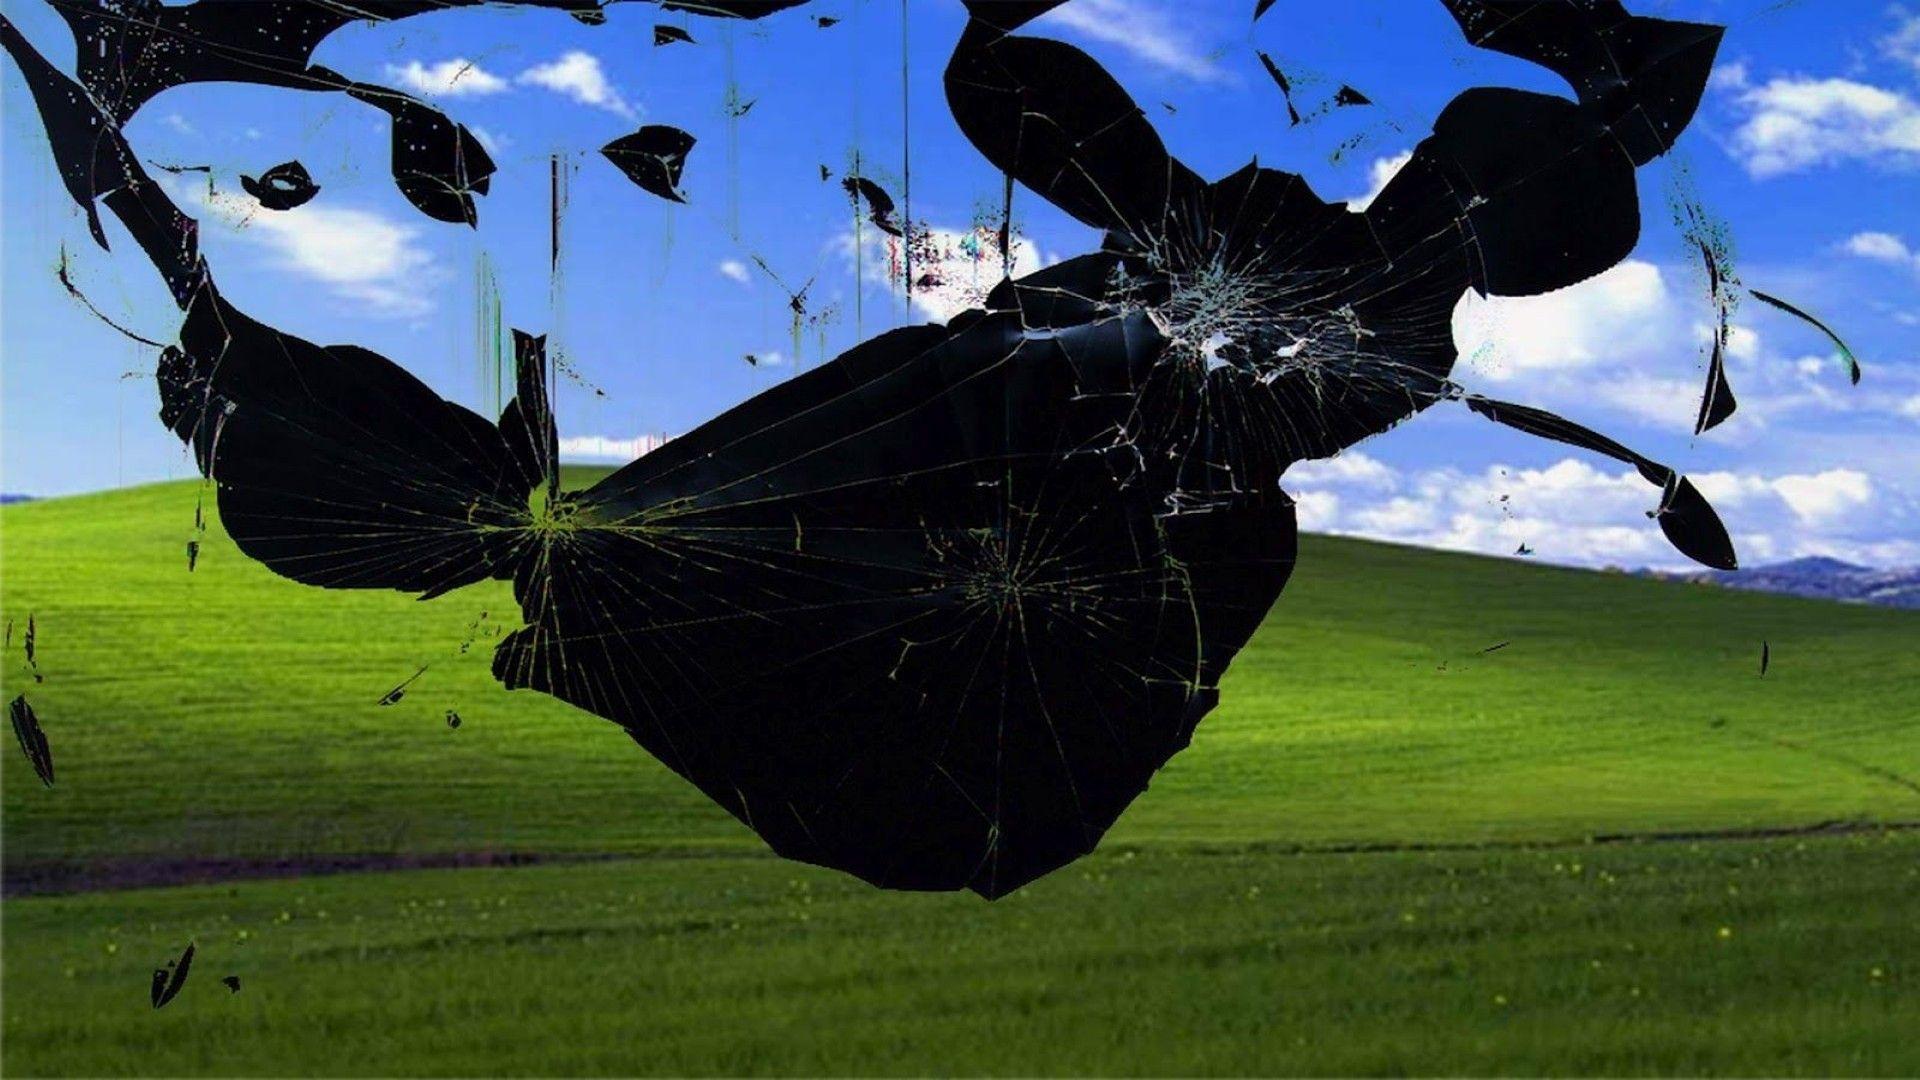 Broken Screen Wallpaper 1080p To7 Broken Screen Wallpaper Desktop Wallpapers Backgrounds Funny Wallpapers